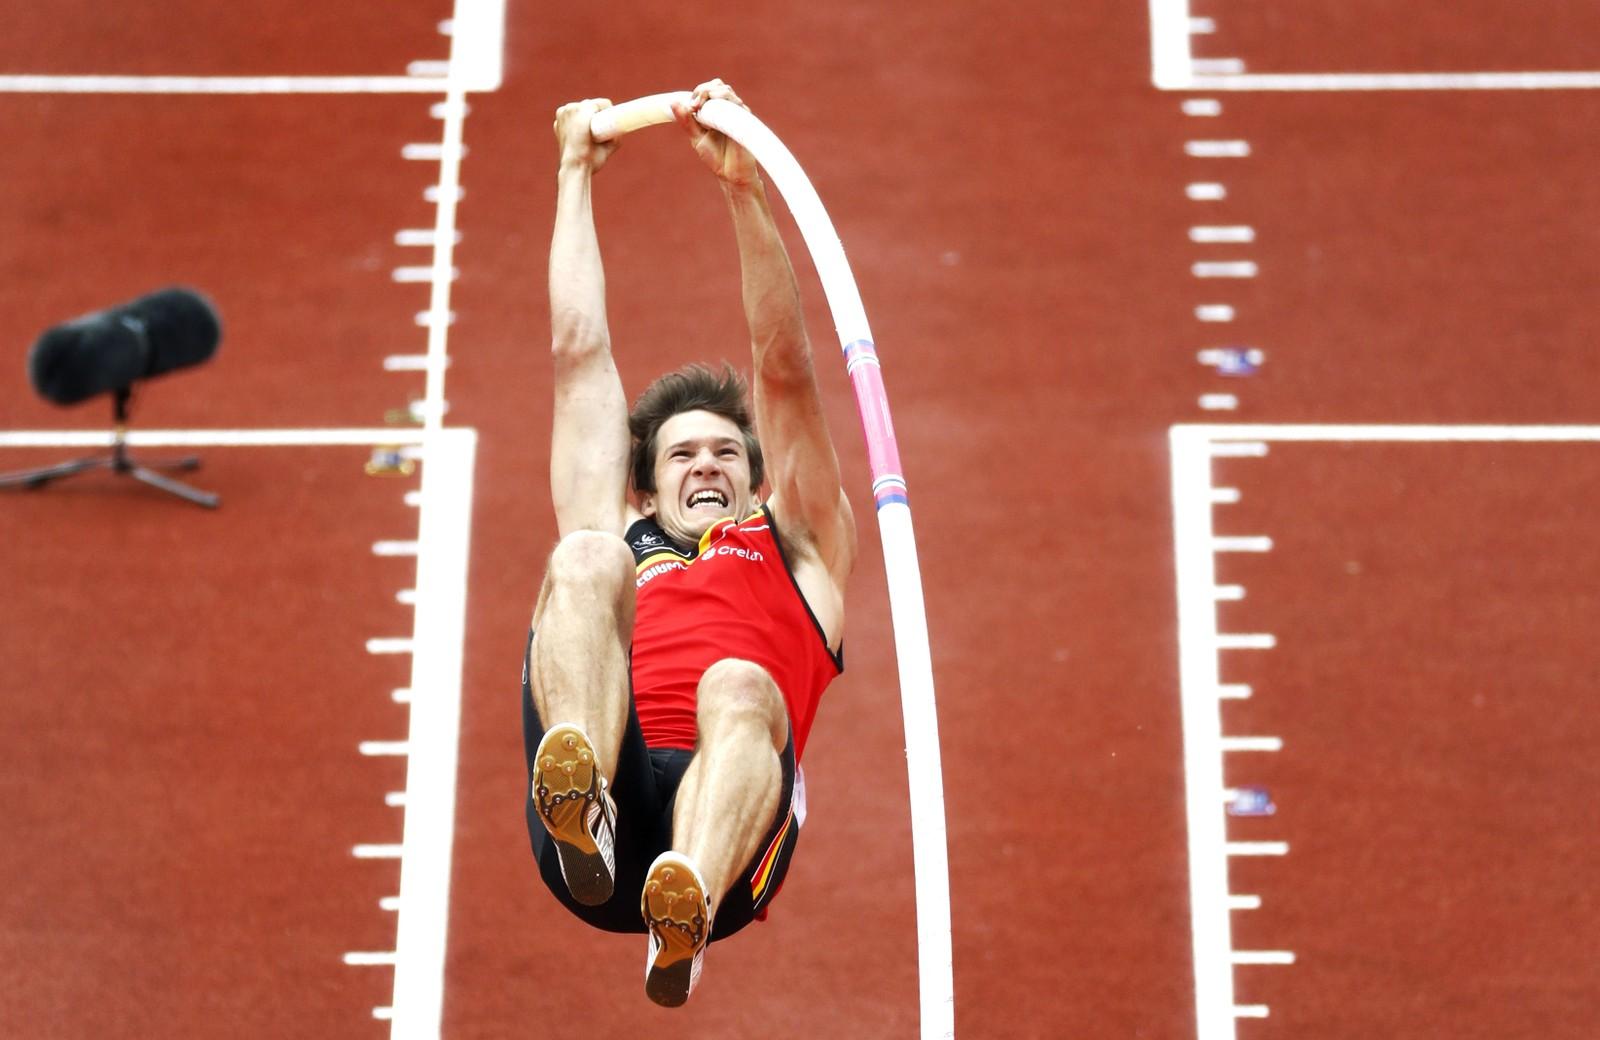 Belgiske Thomas van der Plaetsen gir alt under stavhoppkonkurransen i EM i Nederland den syvende juli.